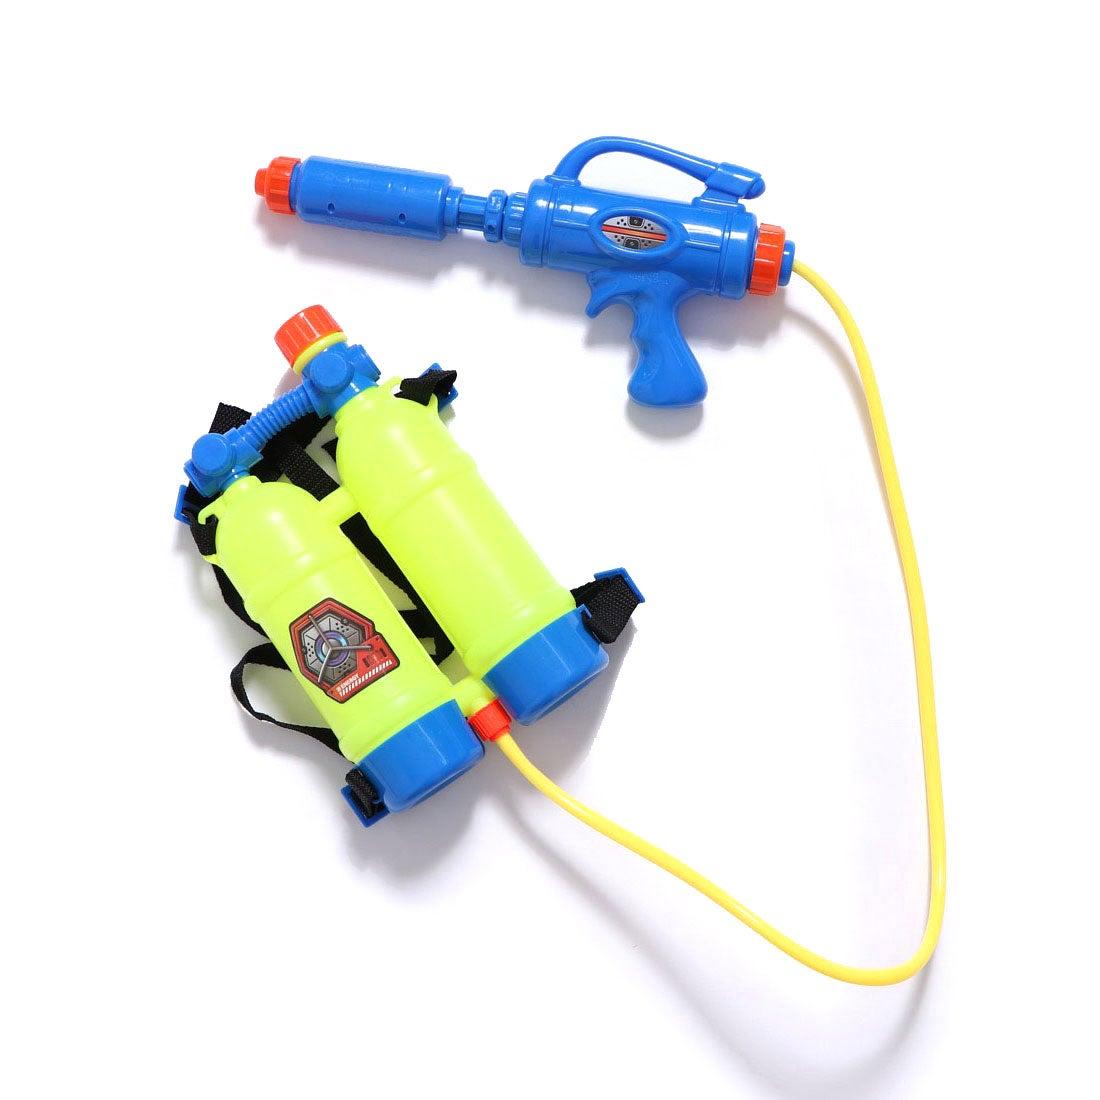 アルペンセレクト Alpen select ジュニア レジャー用品 玩具 ウォーターガンネオタンクスプラッシャー 000013760